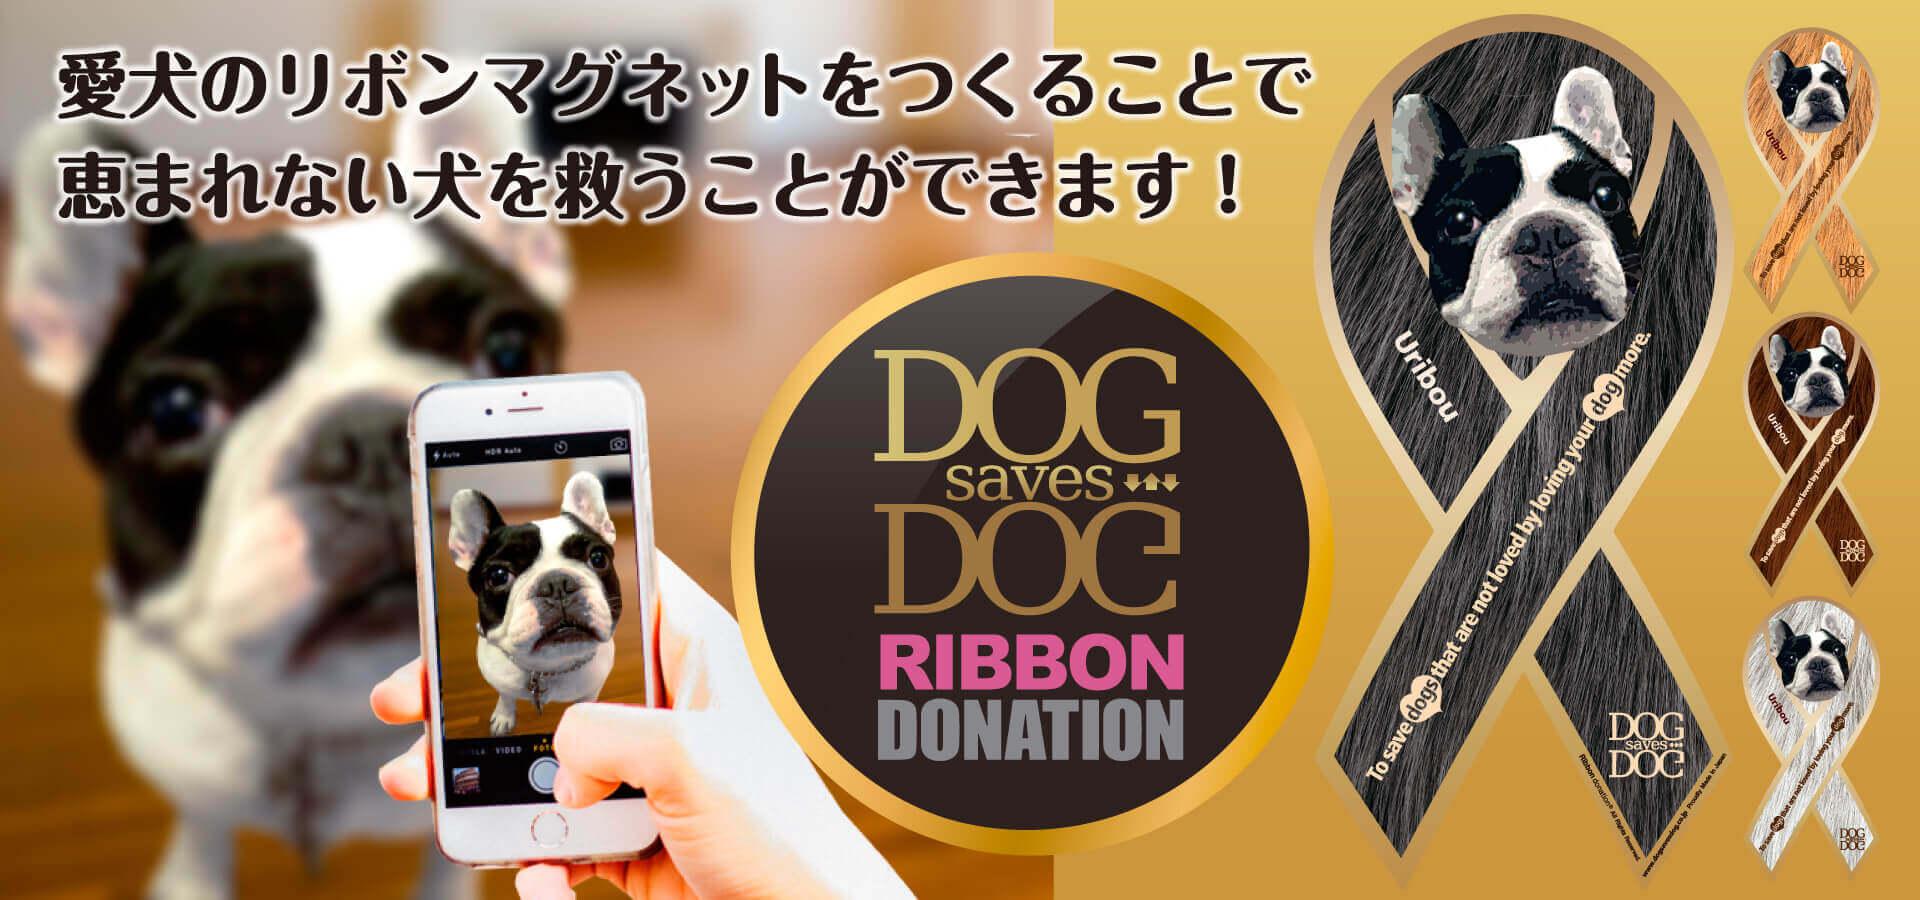 リボンマグネットを活用した社会貢献企画のご紹介「DOG saves DOG」